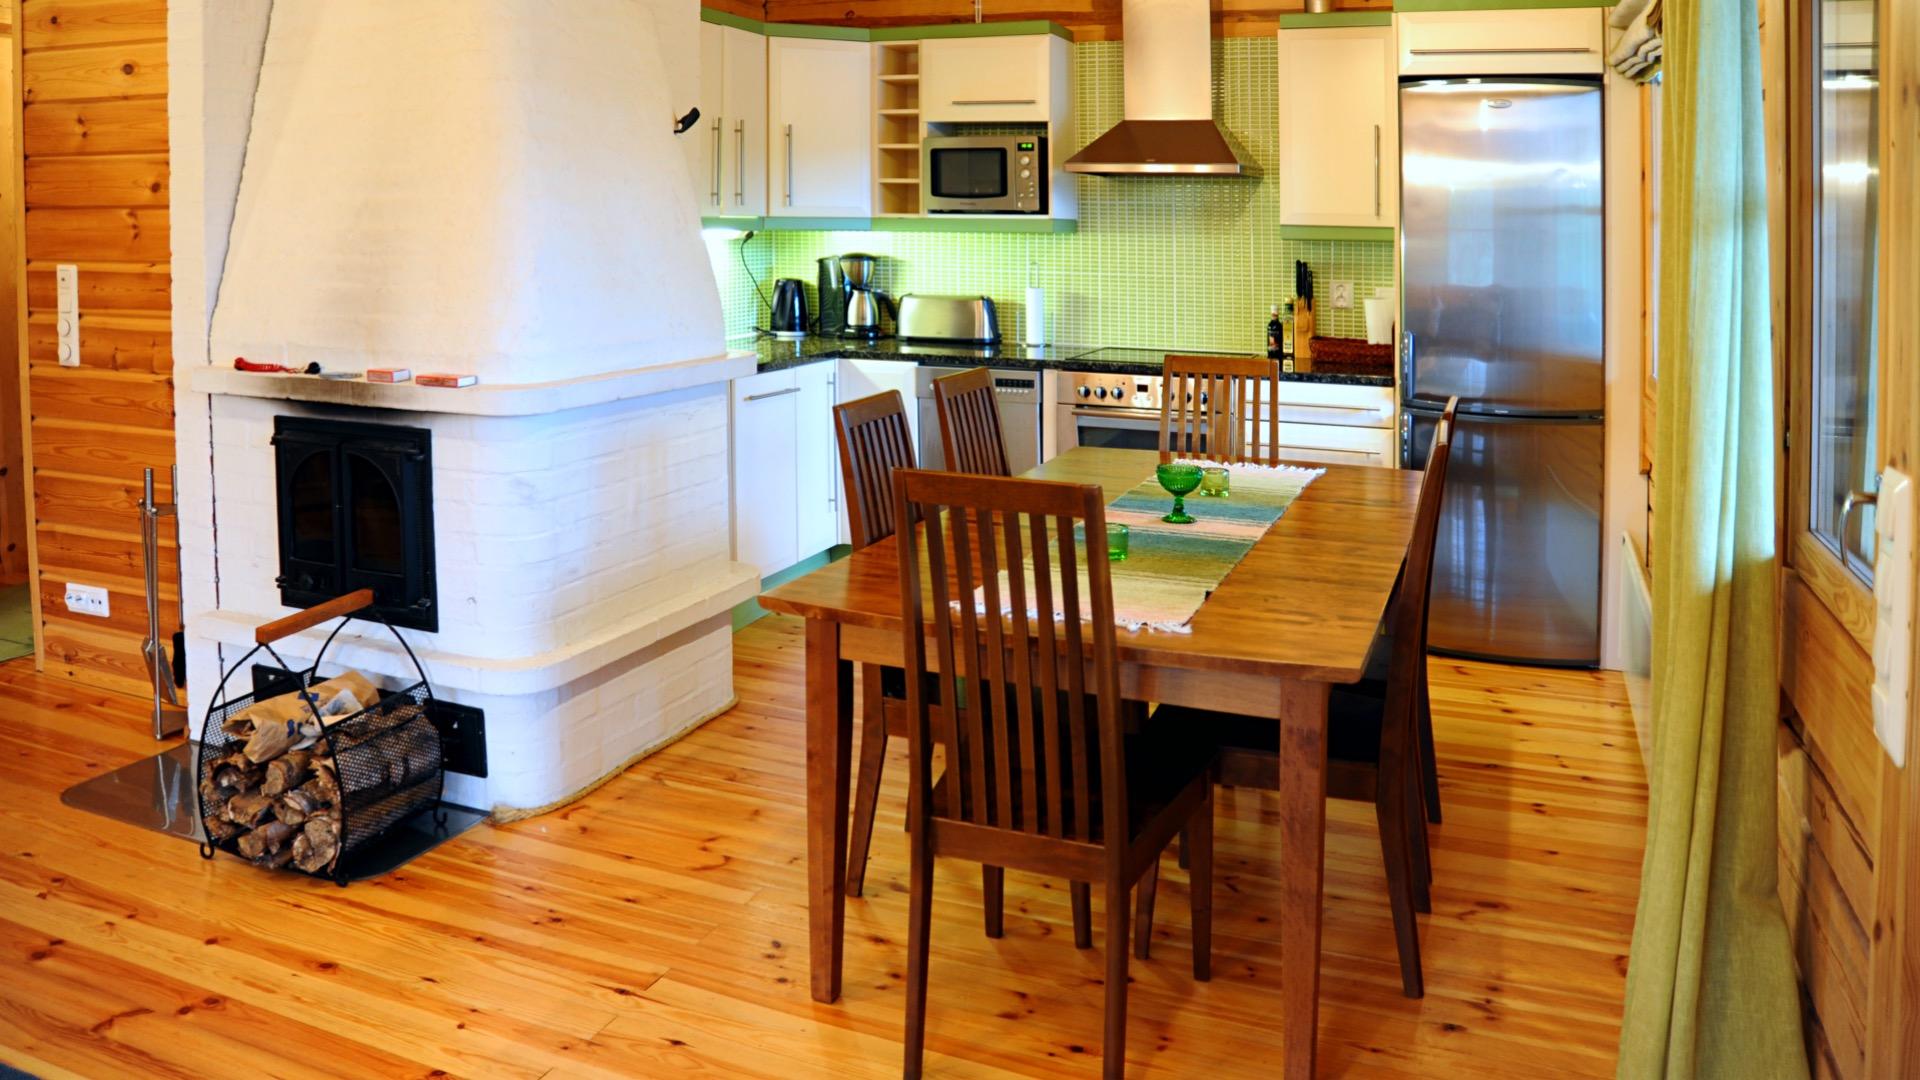 Nuottakalliossa on avara keittiö ja ruokailutila.